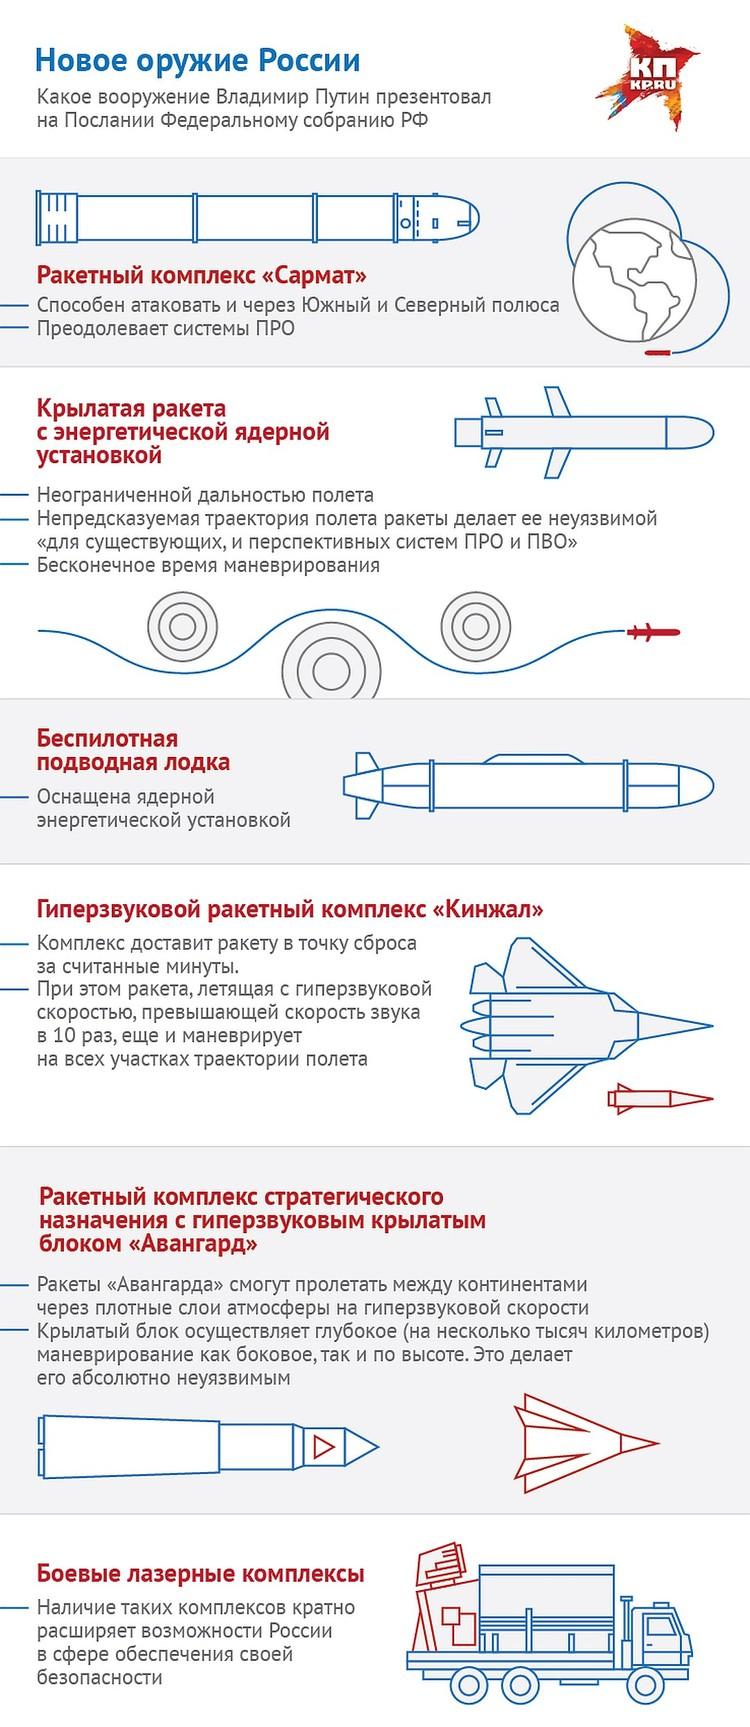 Новейшее русское оружие